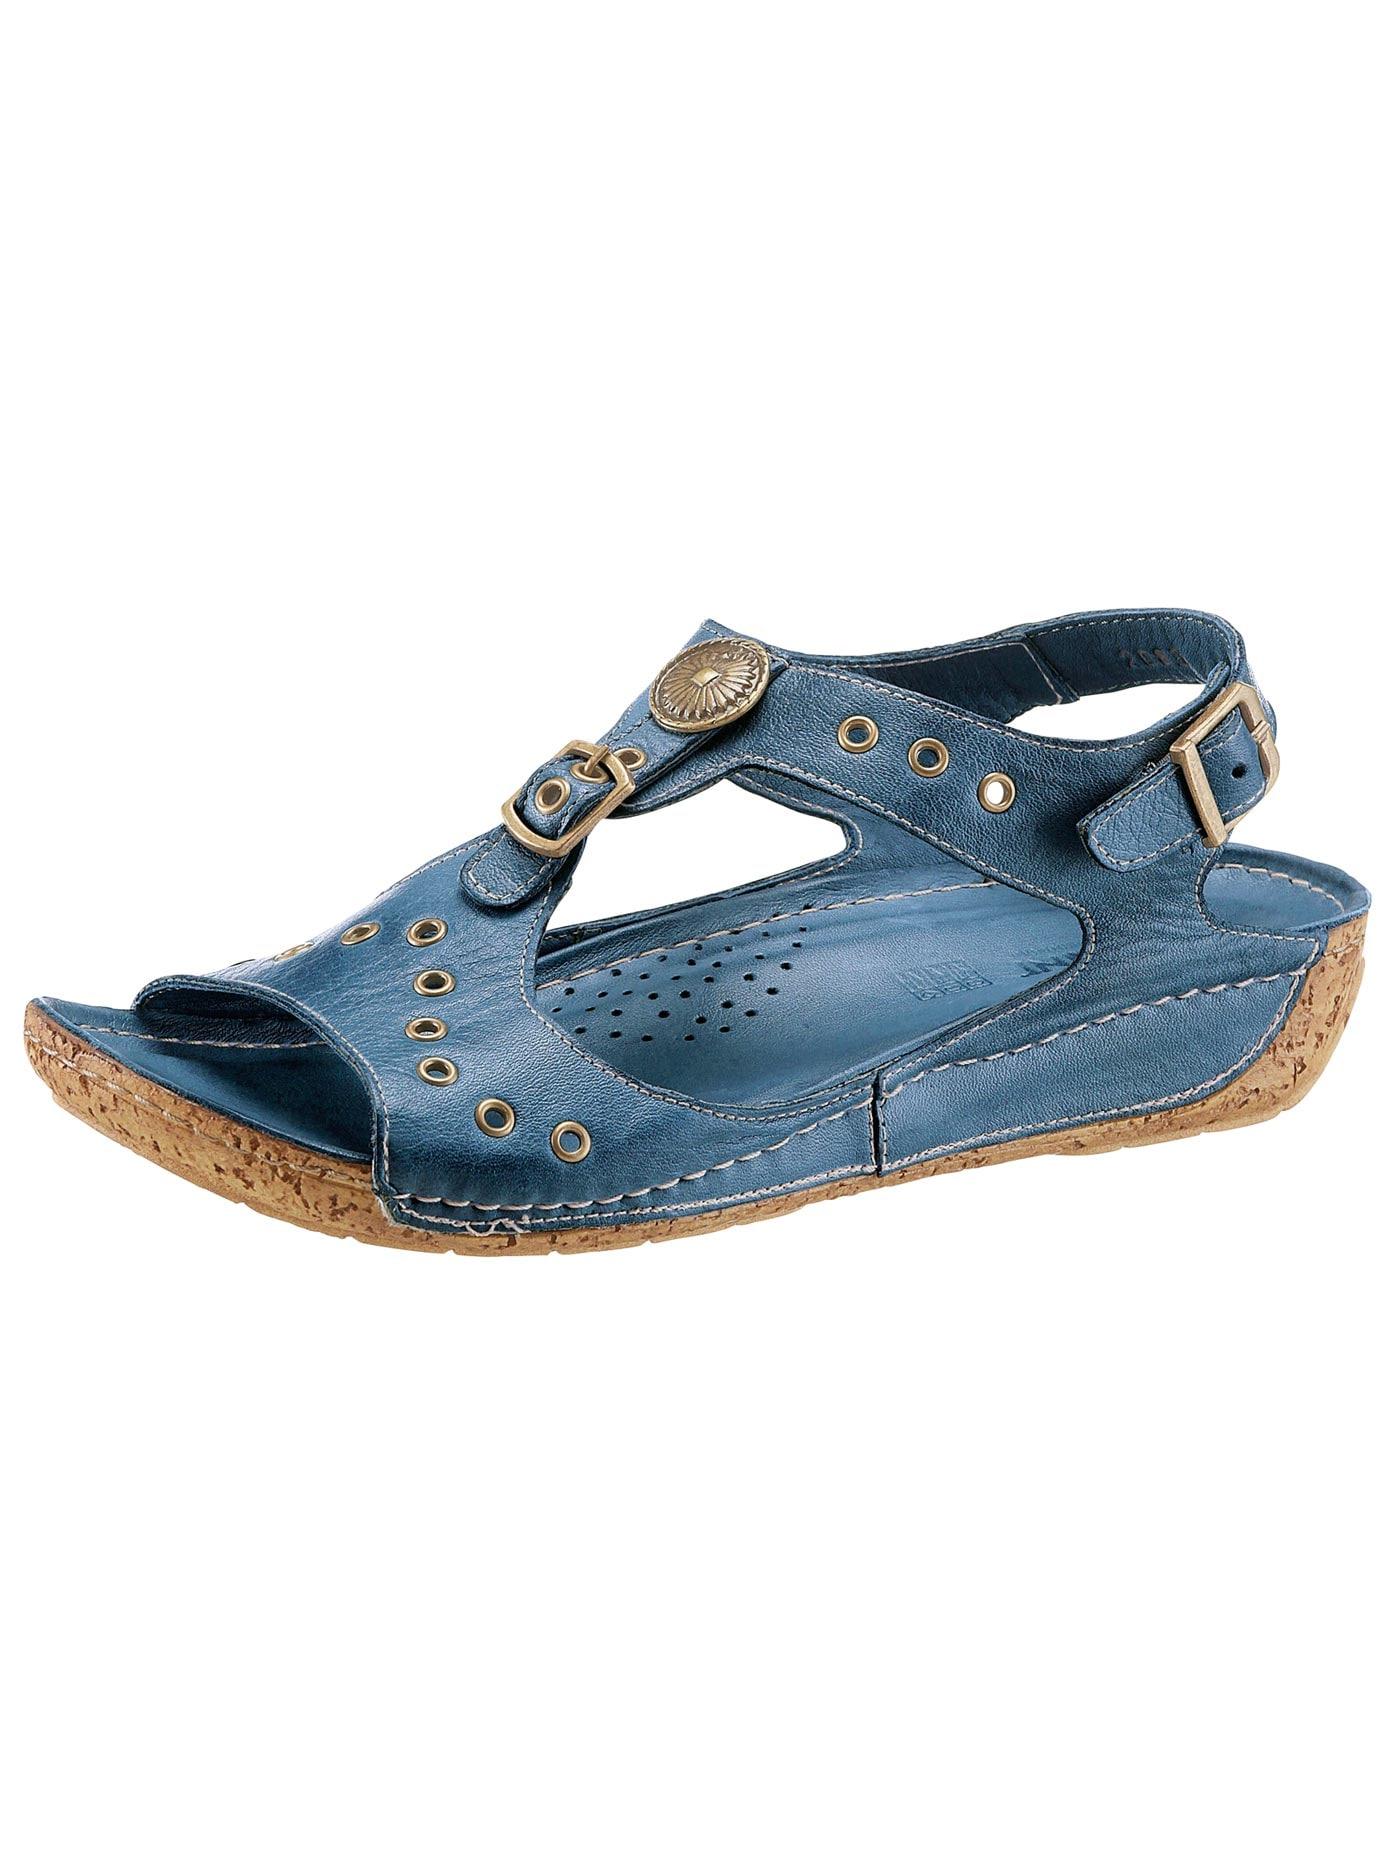 Gemini Sandalette mit Ziernieten und Zierknöpfen Gutes  online kaufen   Gutes Zierknöpfen Preis-Leistungs-Verhältnis, es lohnt sich a72cb8